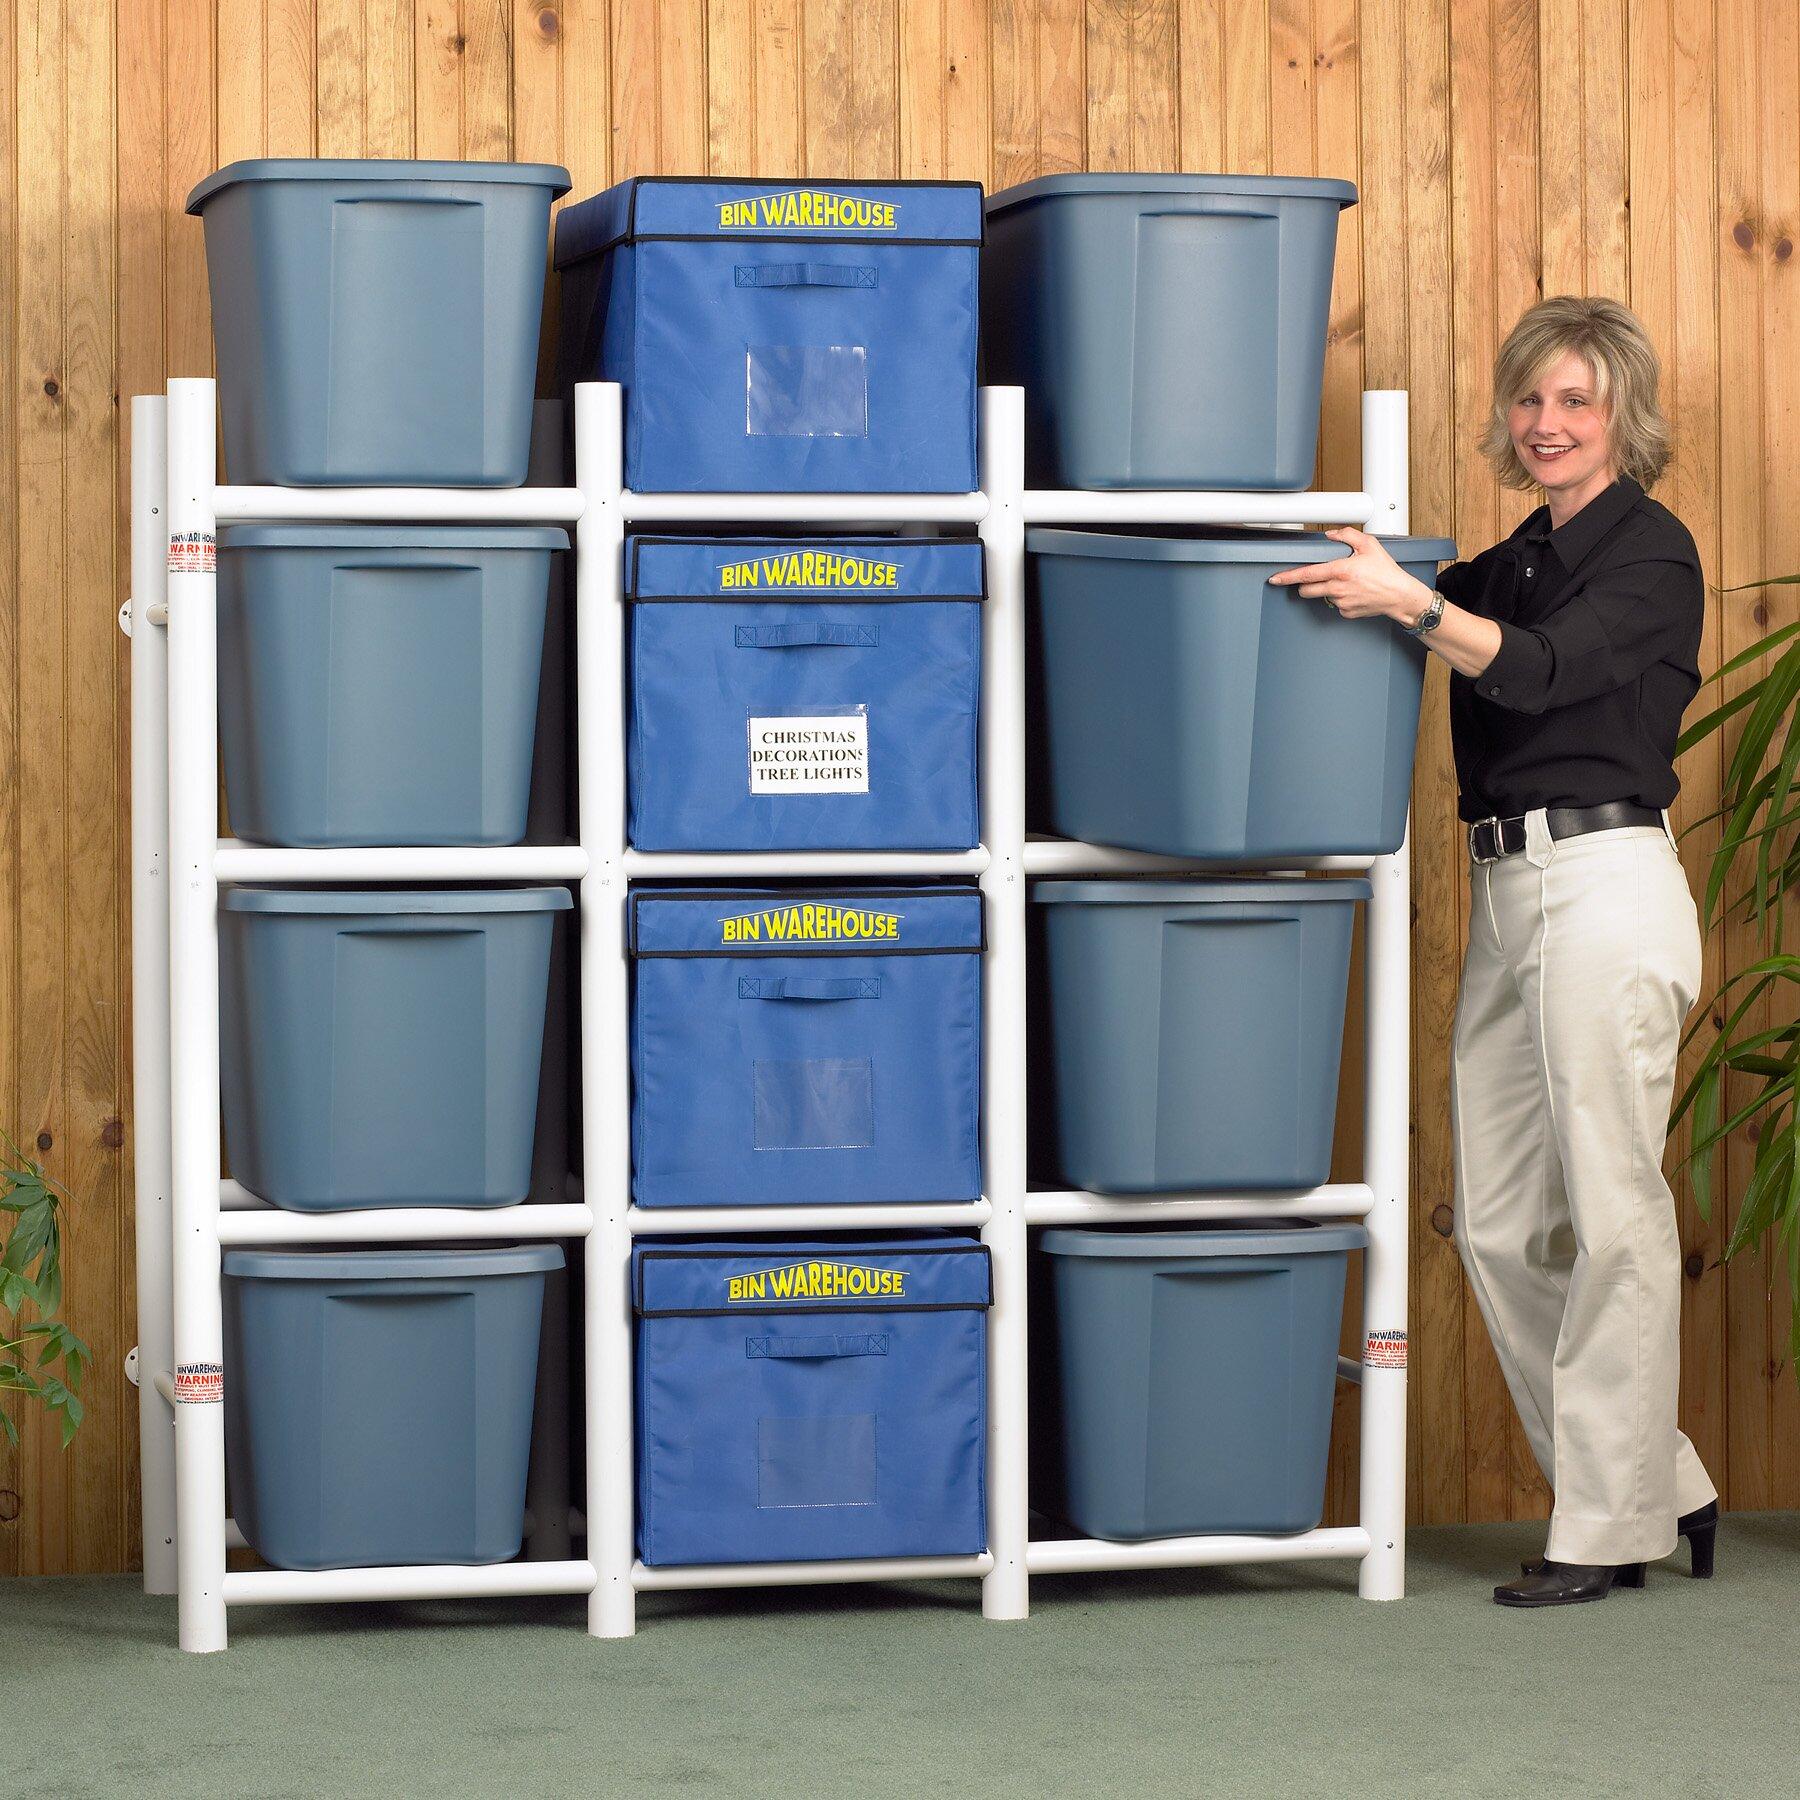 """craft ideas for garage sales - Bin Warehouse 12 Tote Storage System 69"""" H 4 Shelf"""